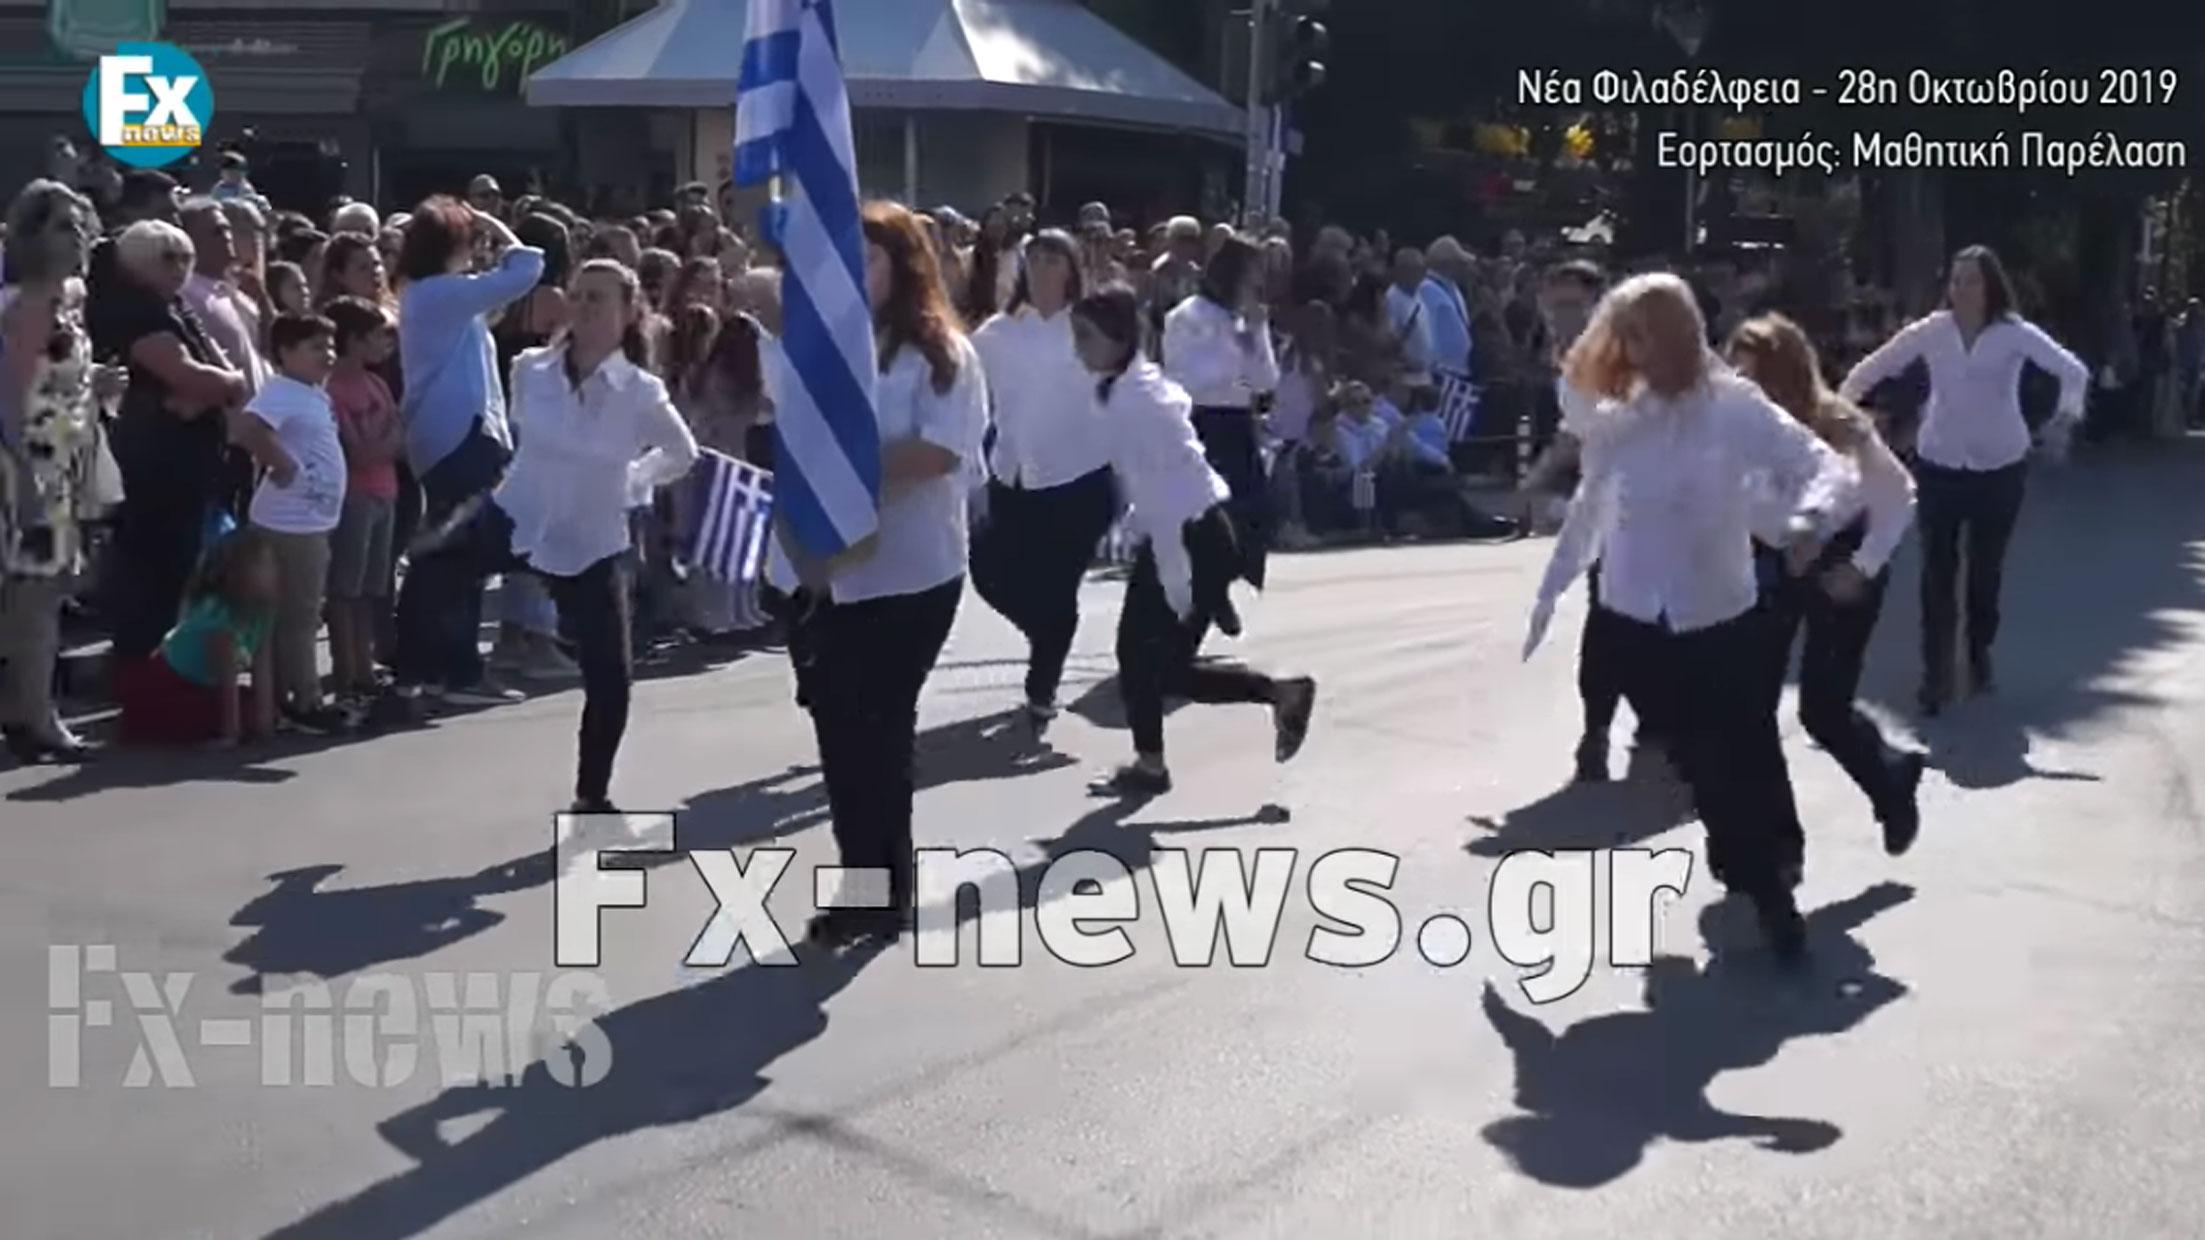 Χαμός με την παρέλαση αλά… Monty Python! «Βαριές» εκφράσεις από Βούρο – video